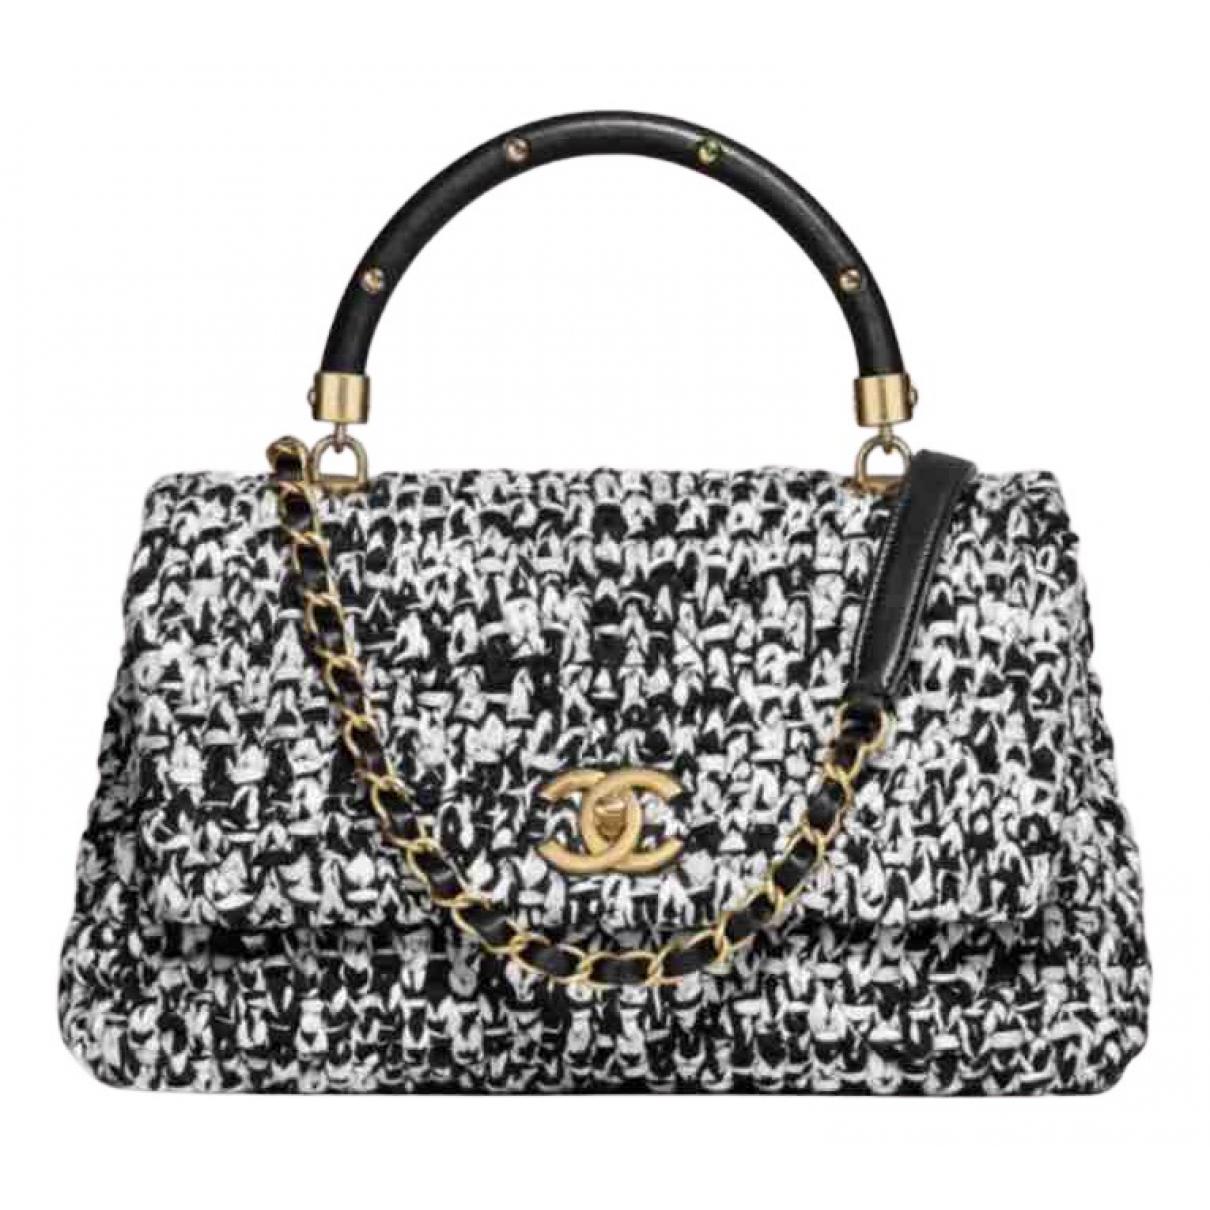 Chanel N Black Tweed handbag for Women N